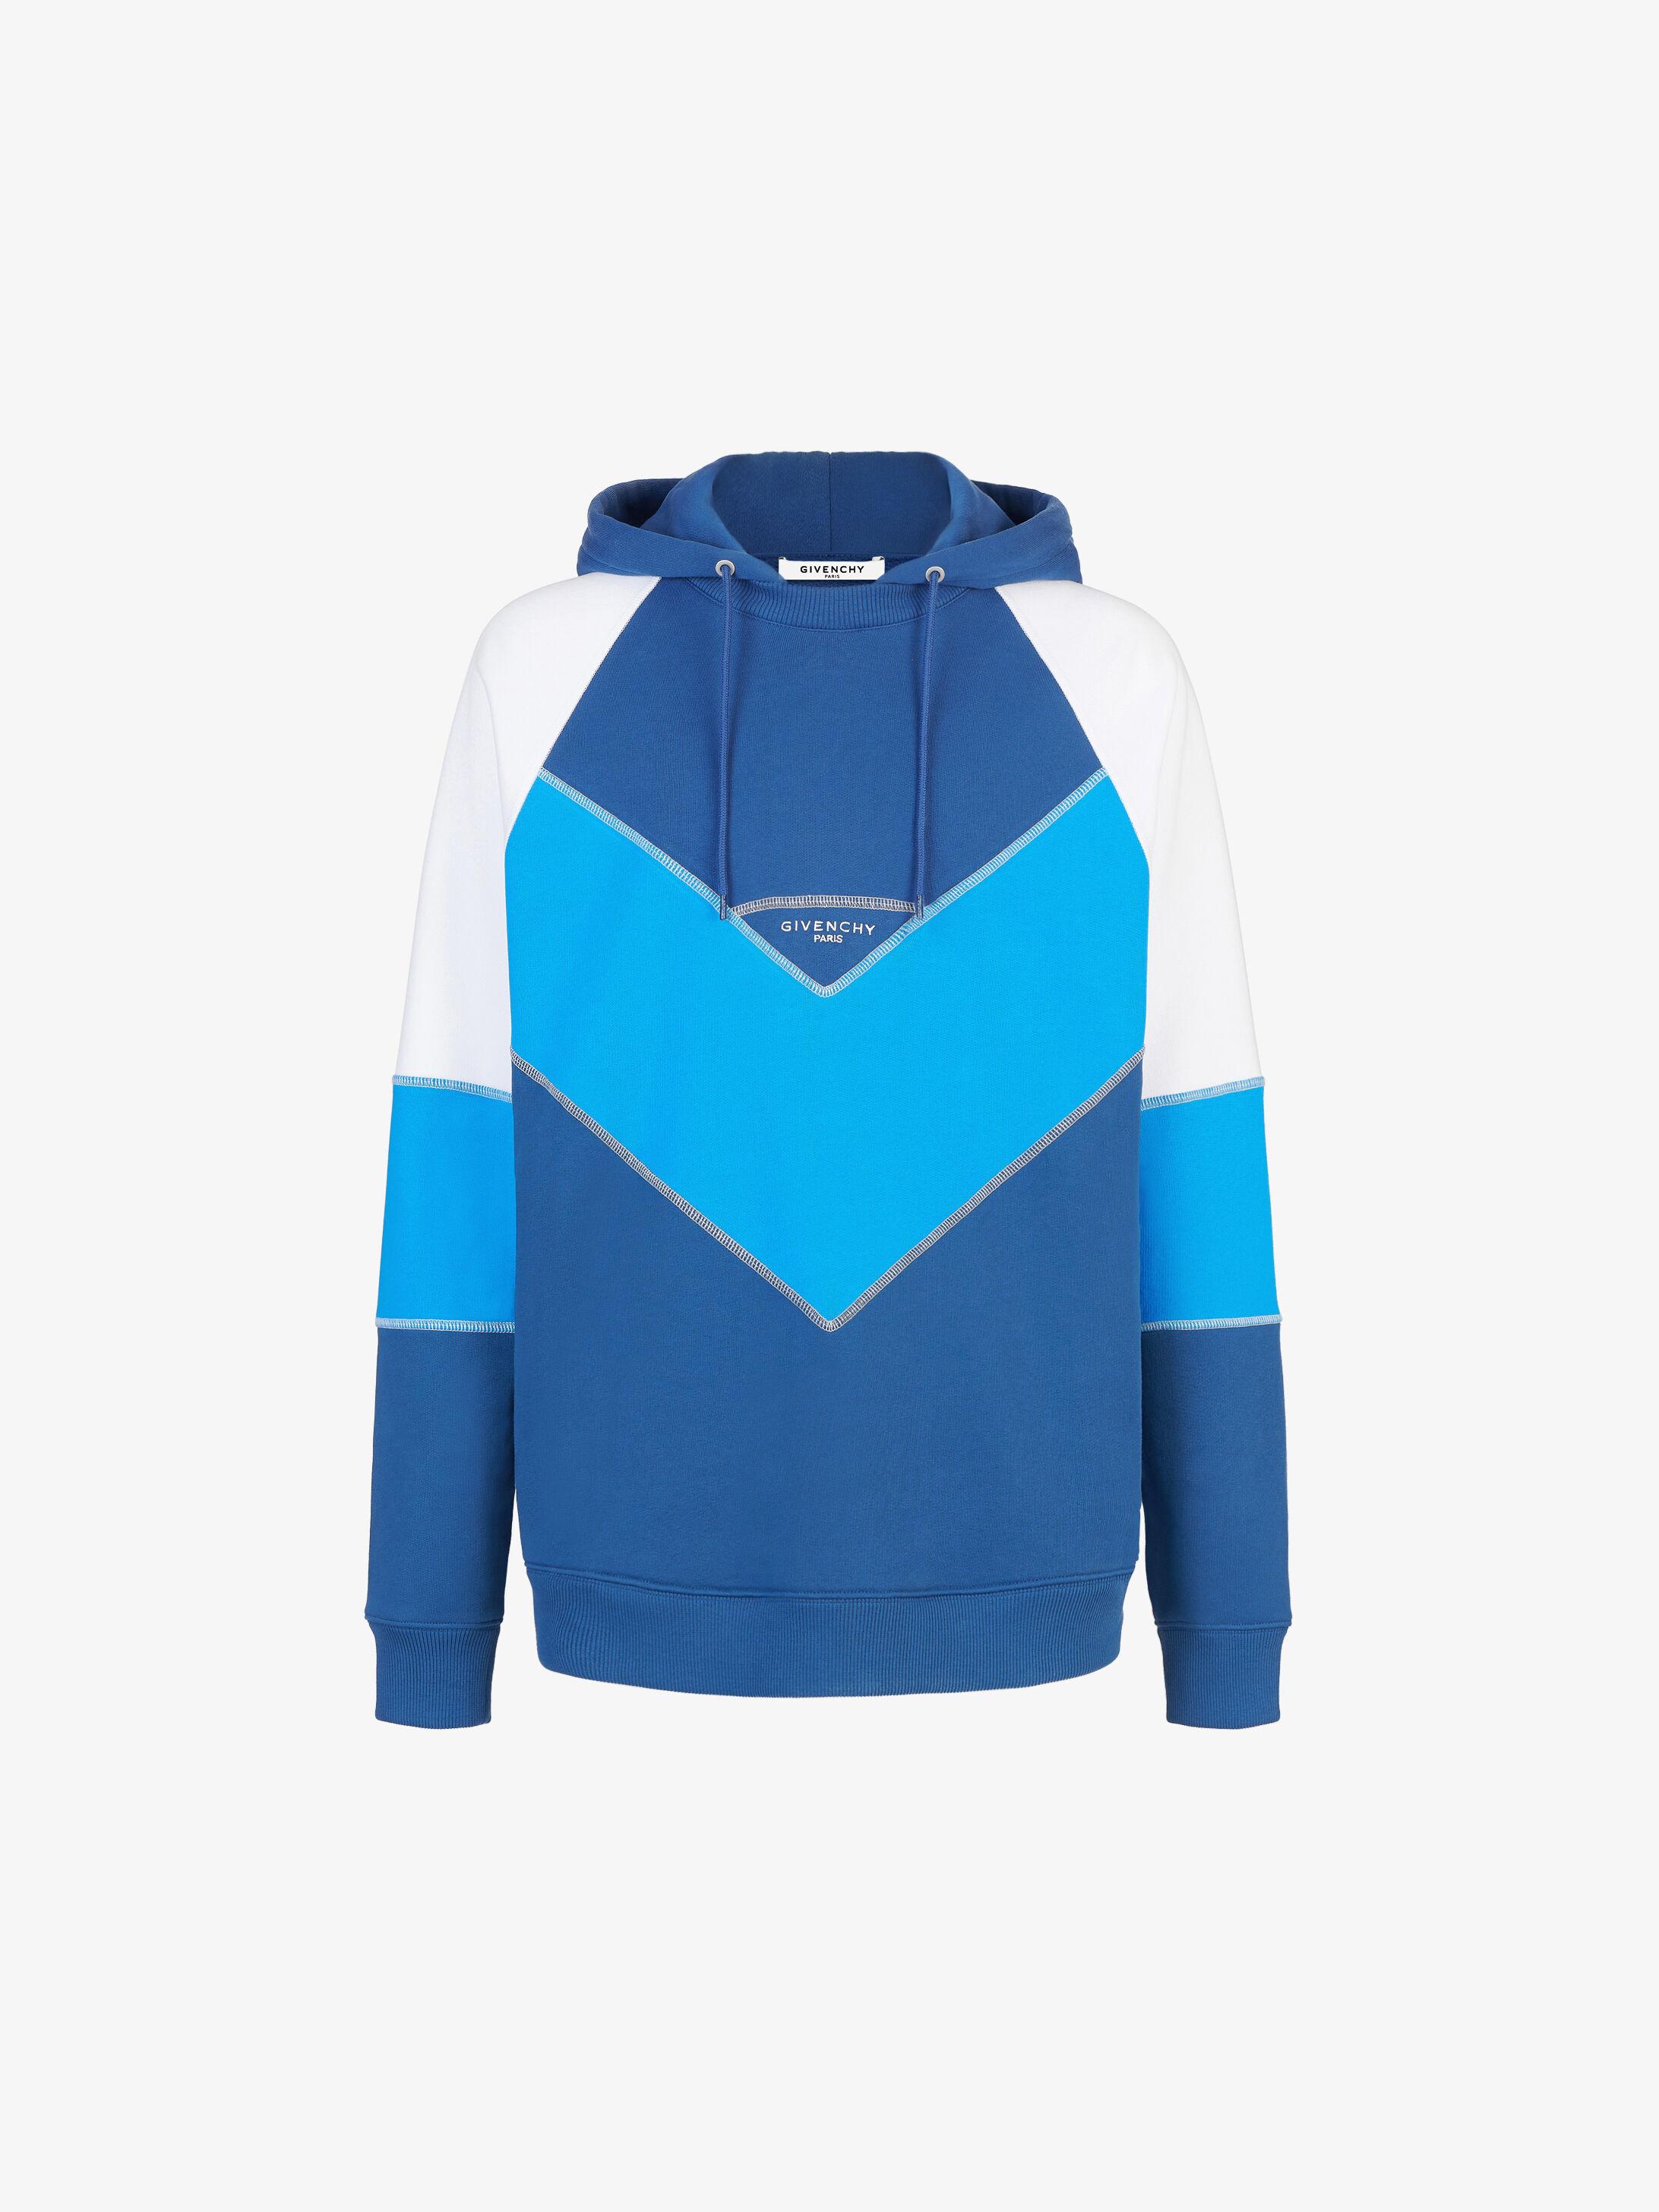 La GivenchyGivenchy Paris Sweatshirts Collection Homme Par WDH29EI